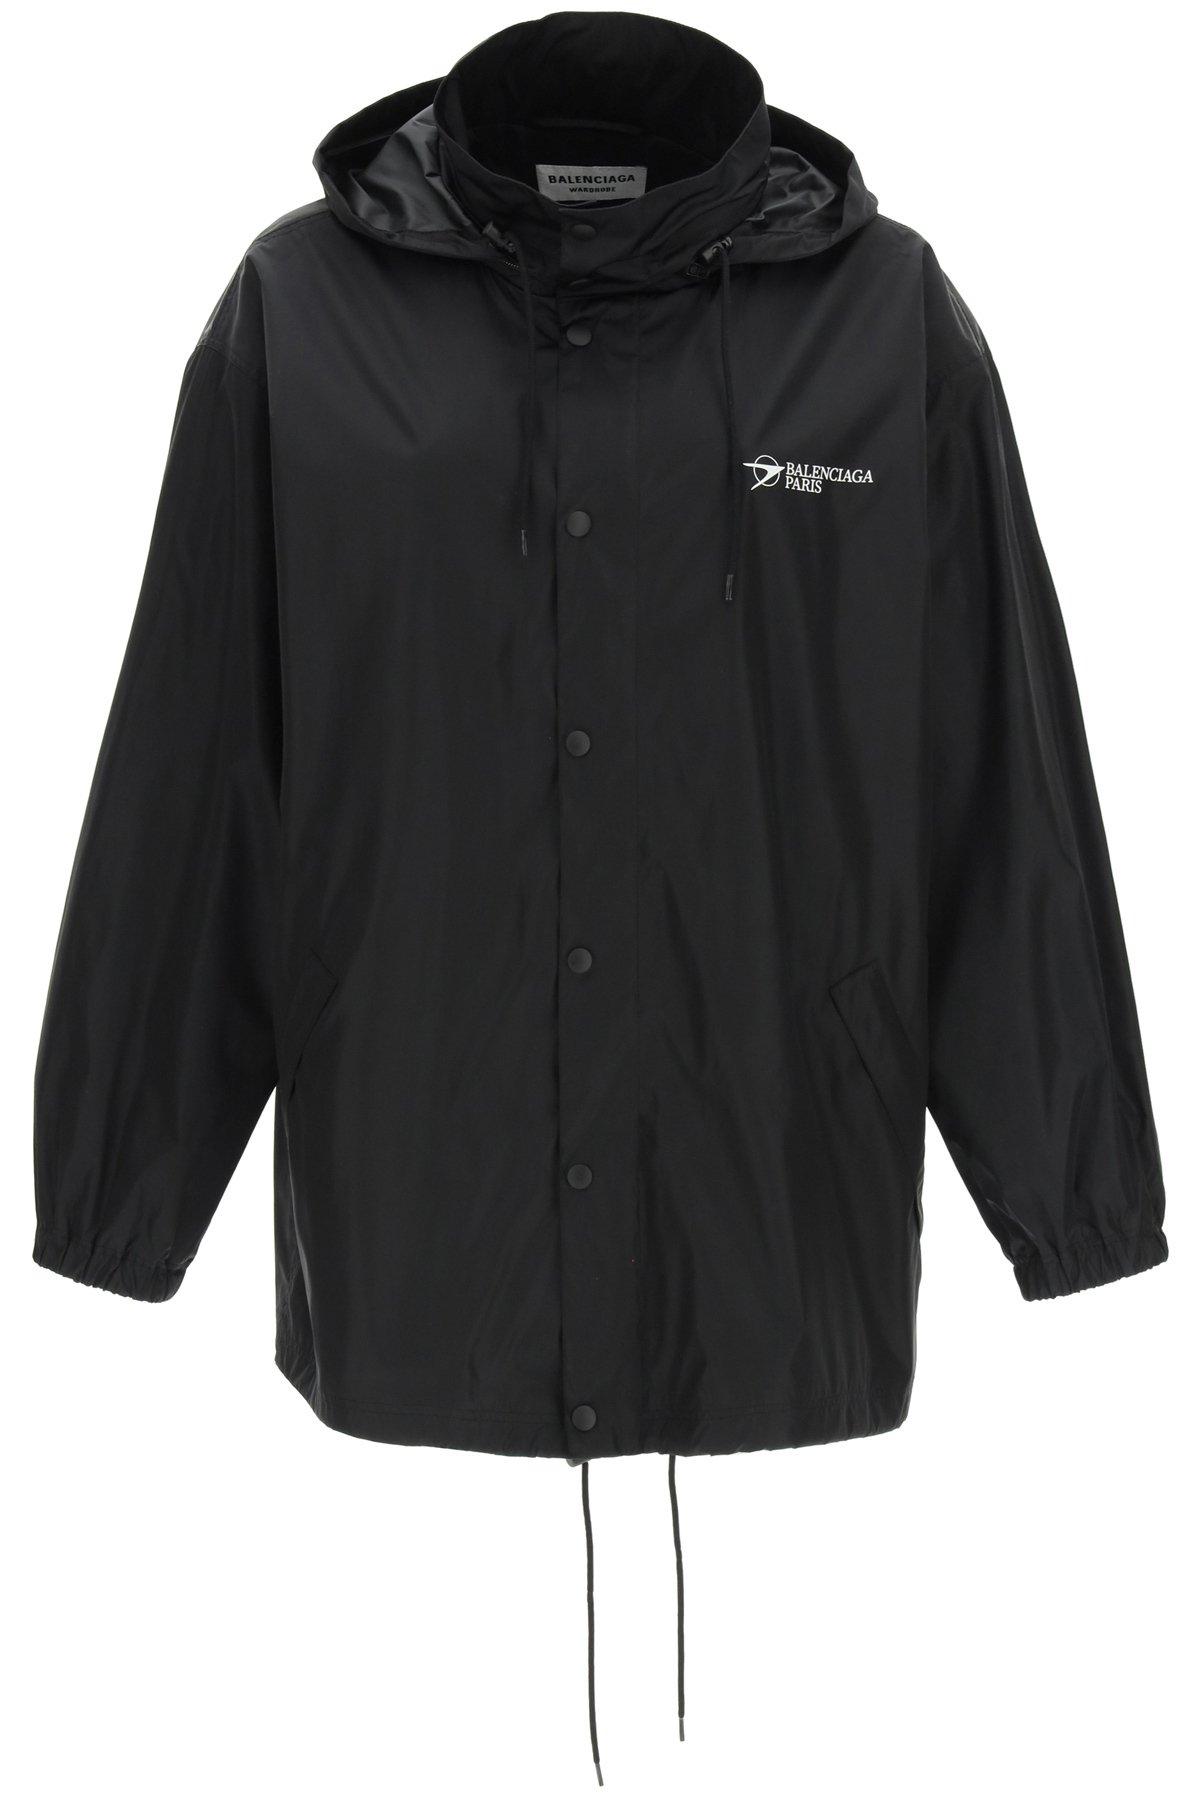 Balenciaga giacca a vento econyl logo